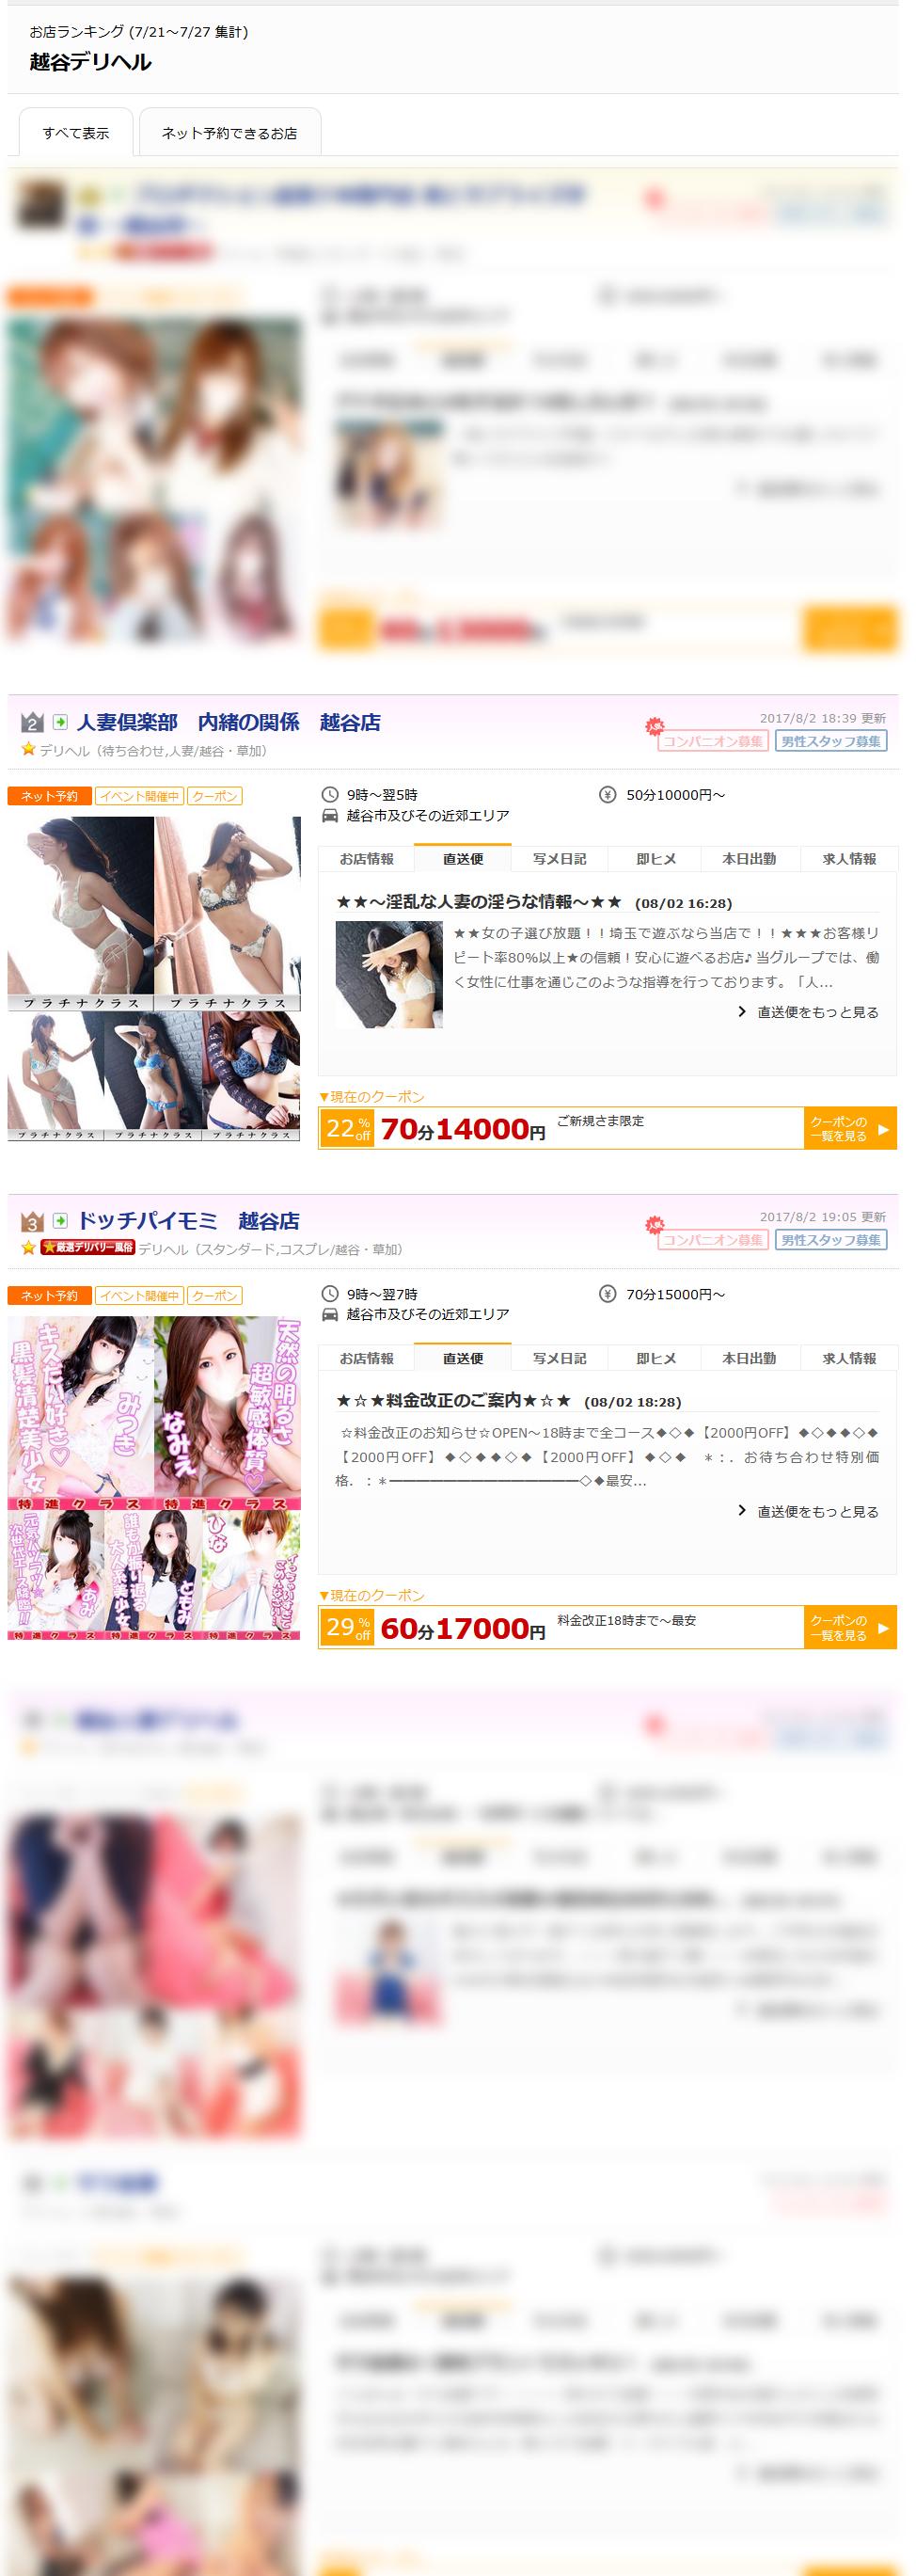 越谷デリヘルお店ランキング2017-07-31